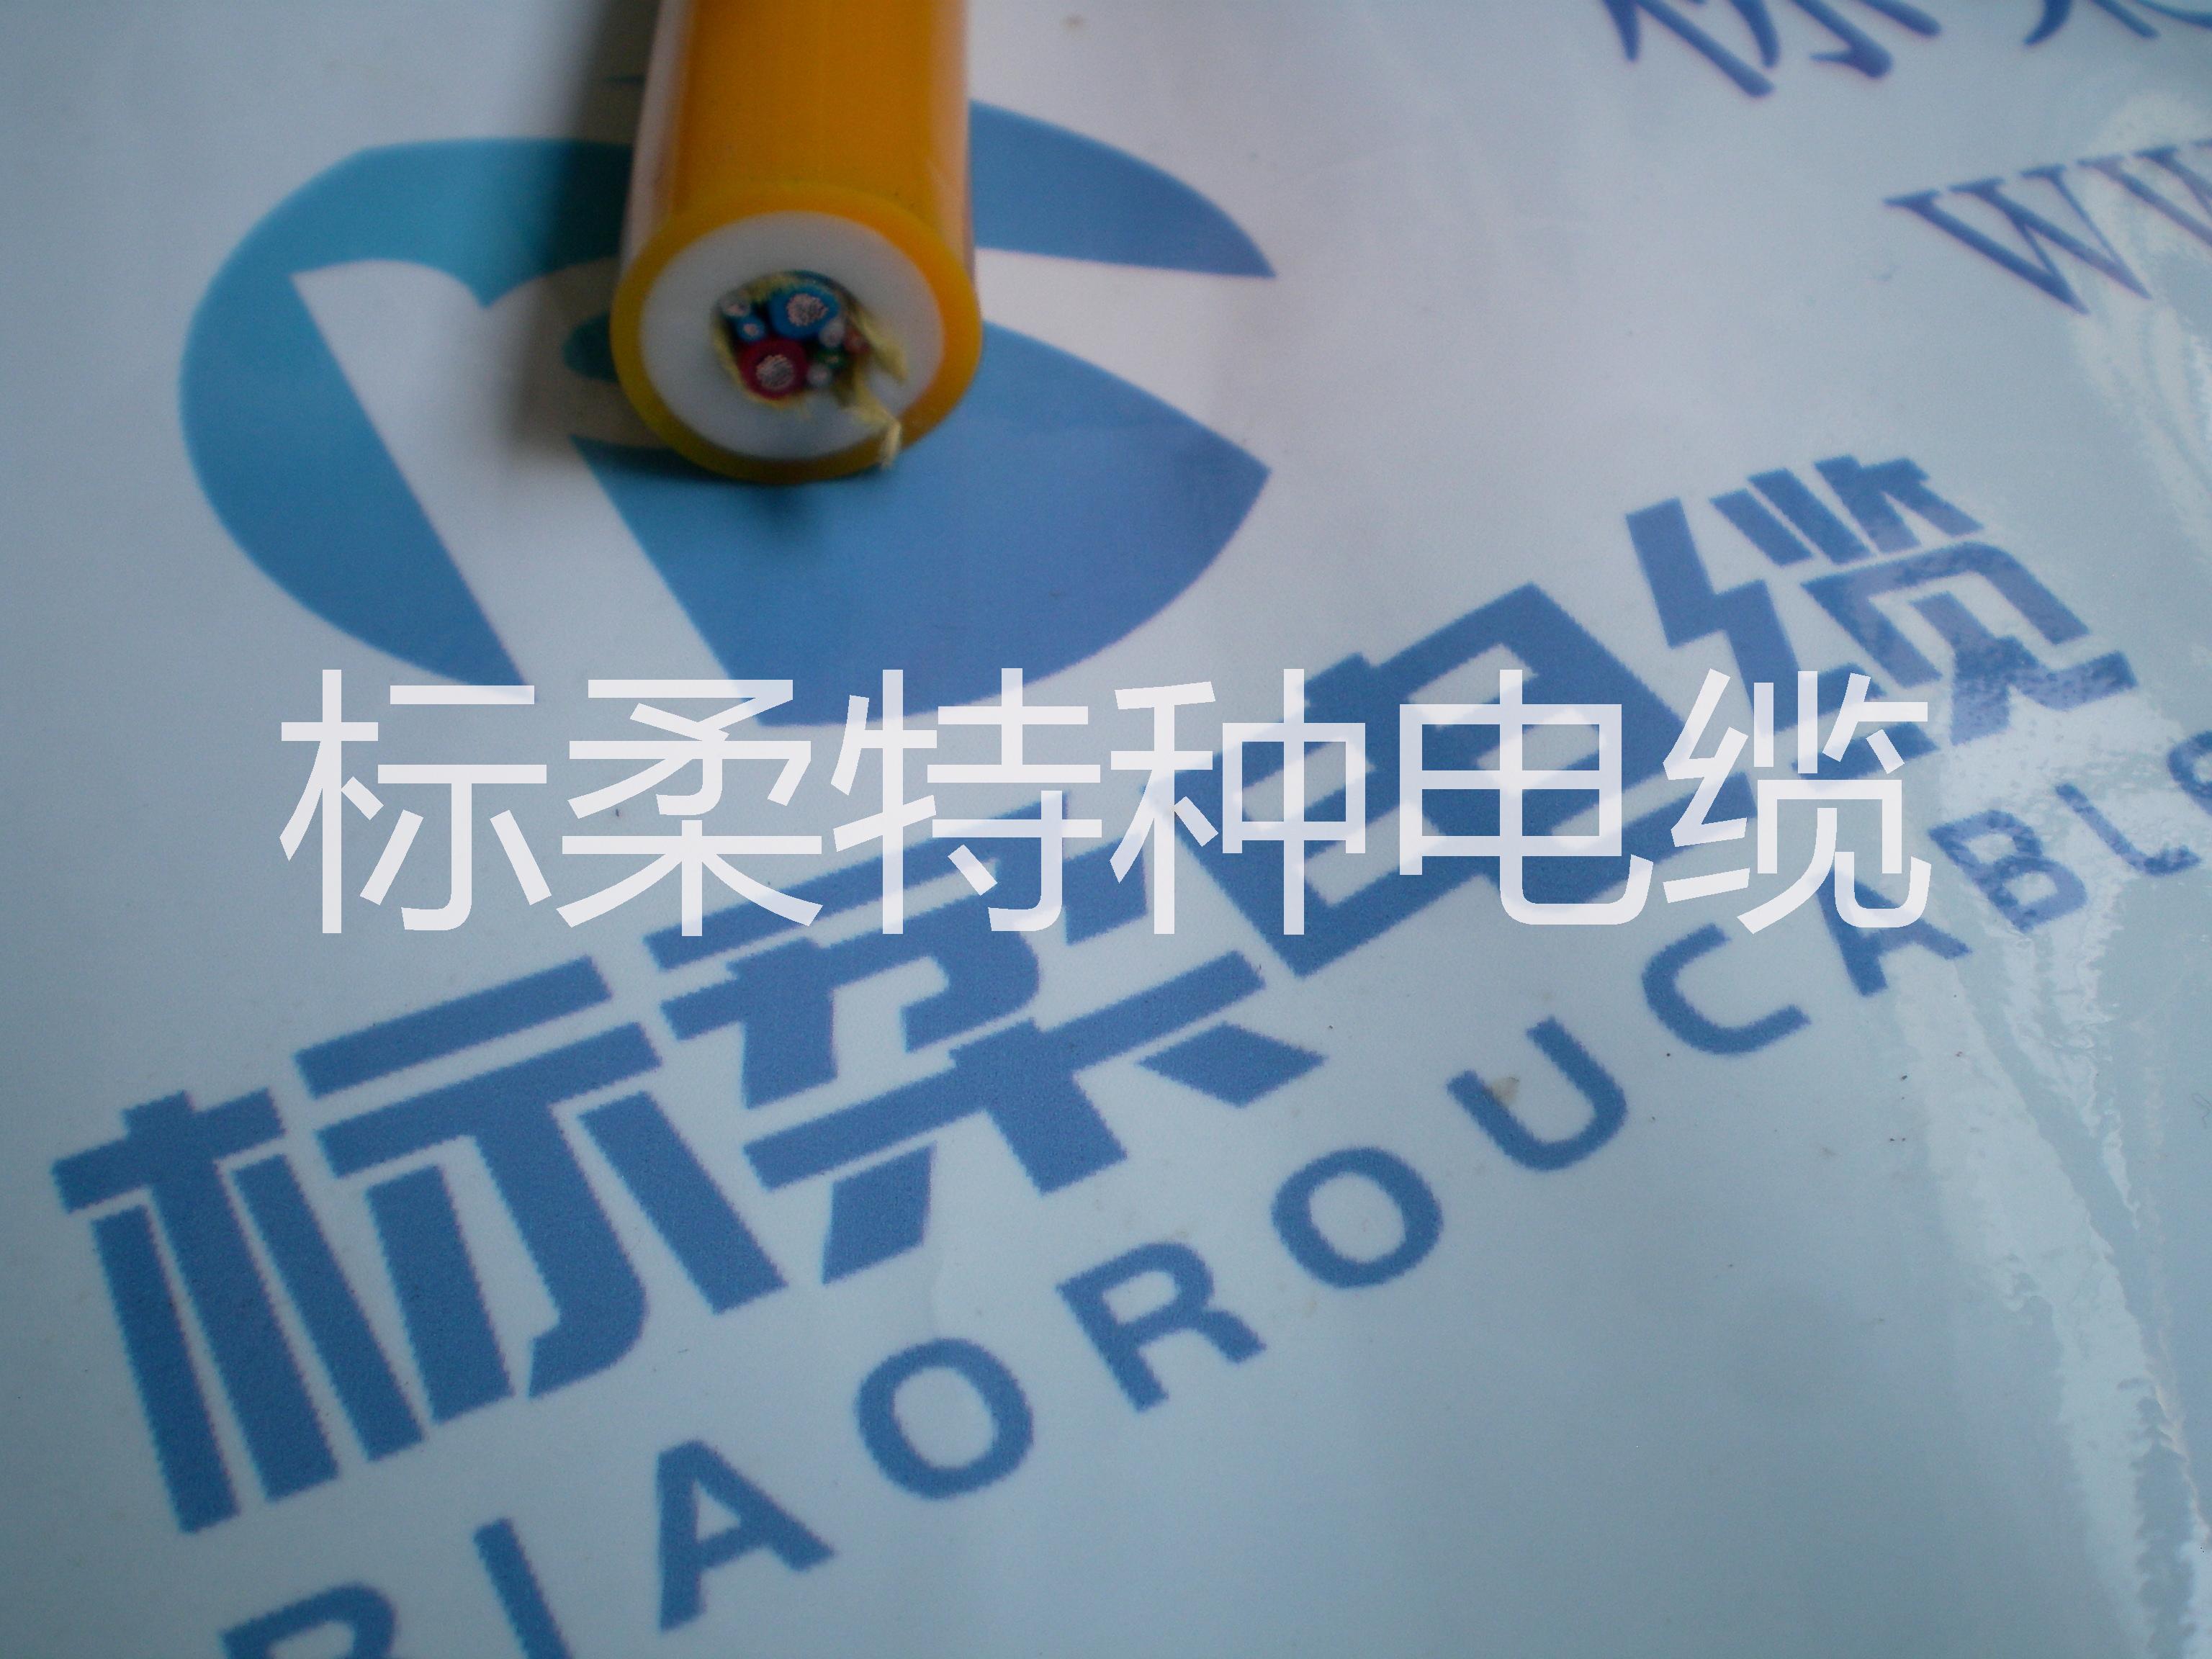 防海水的光纤漂浮电缆 品牌出口漂浮电缆水密电缆厂家直销 泡沫型漂浮电缆水密电缆厂家直销